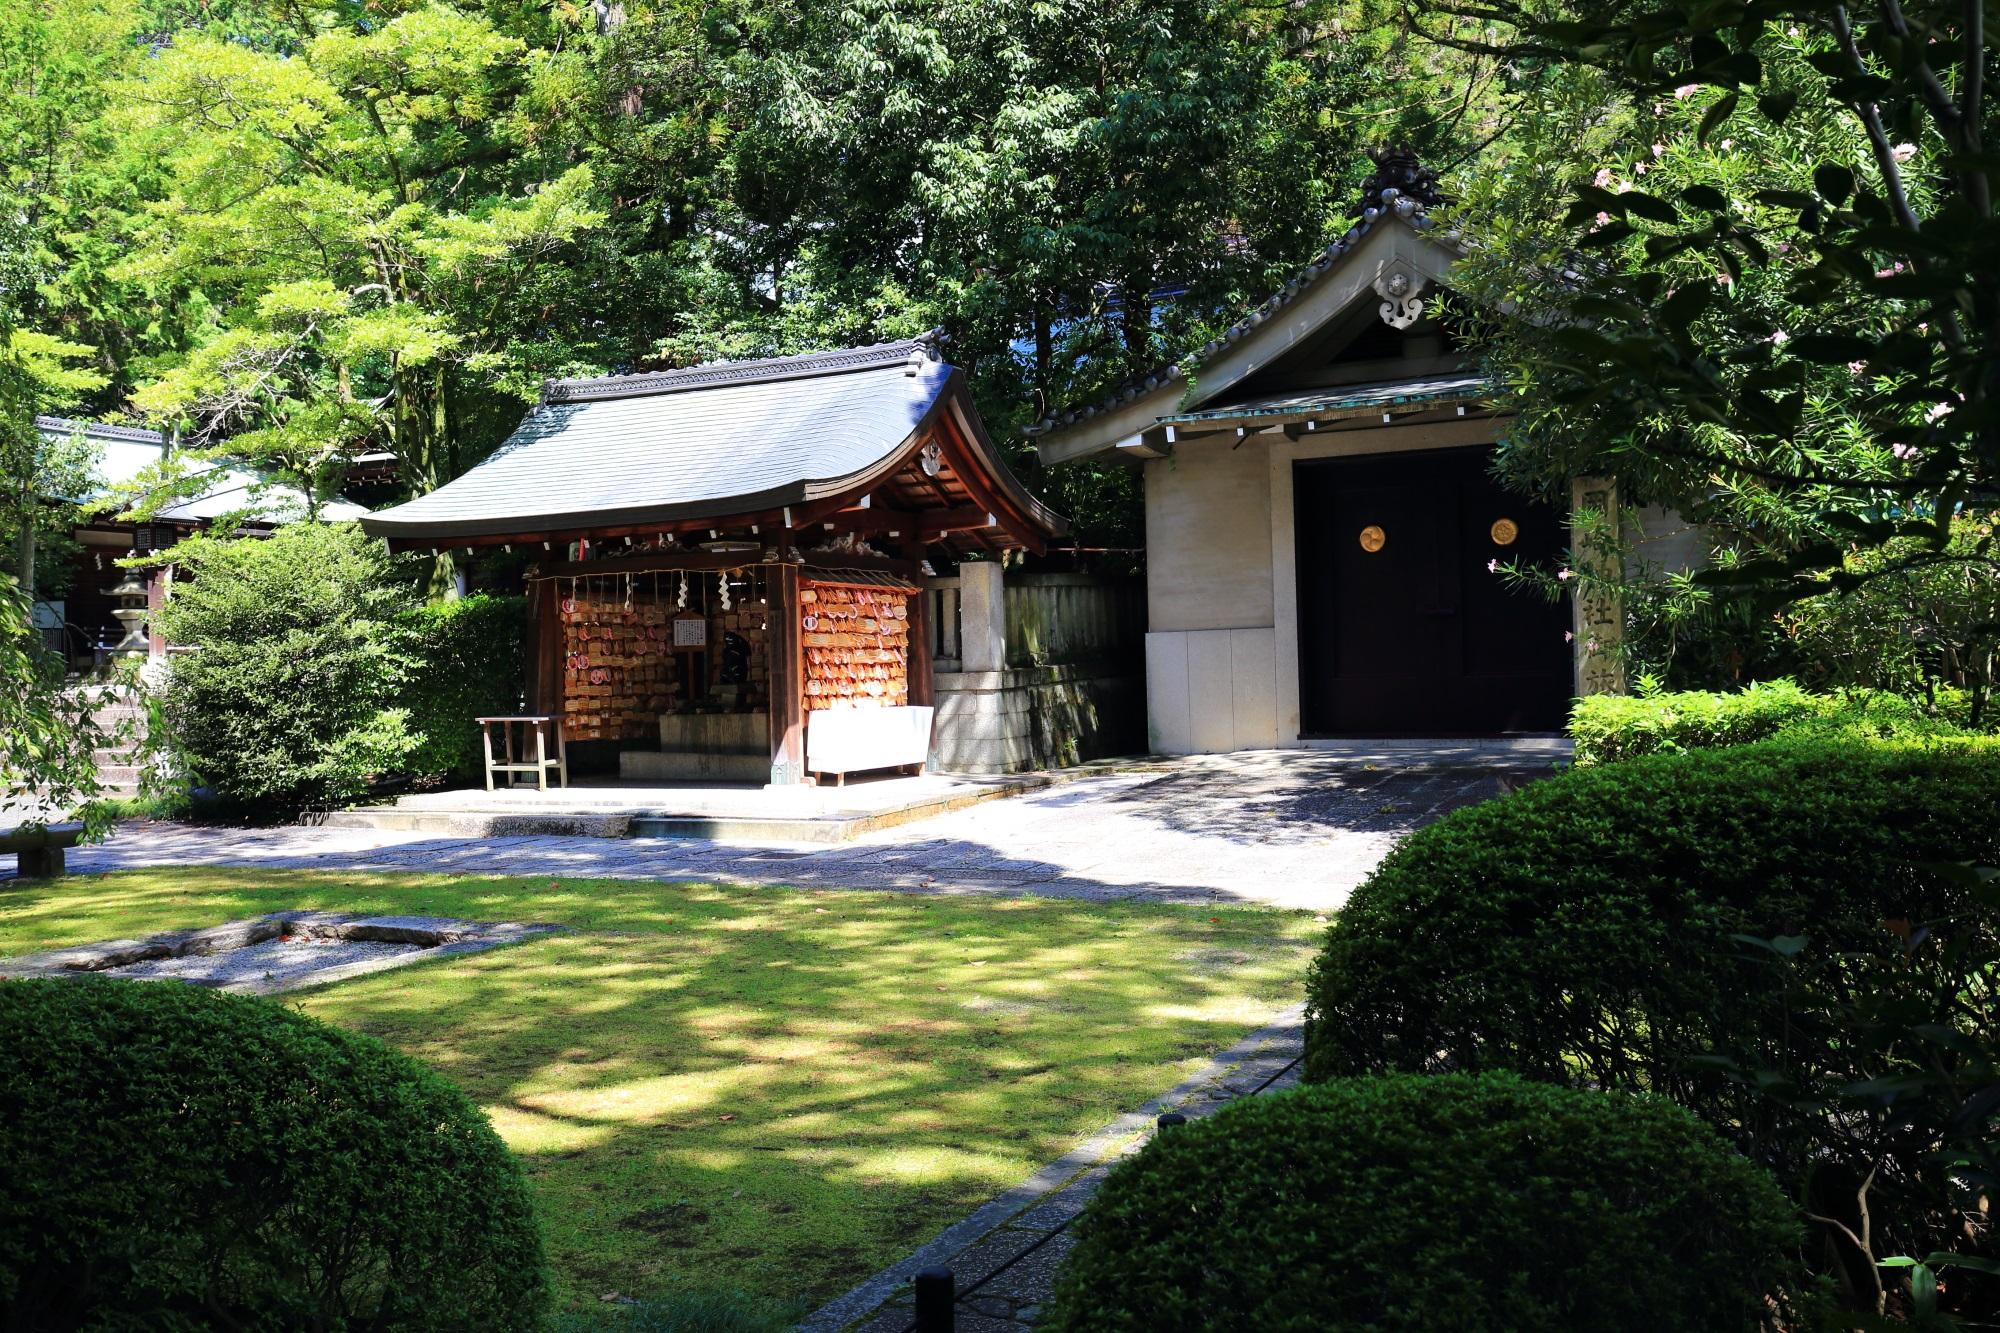 鮮やかな緑につつまれる岡崎神社の絵馬所と御旅所